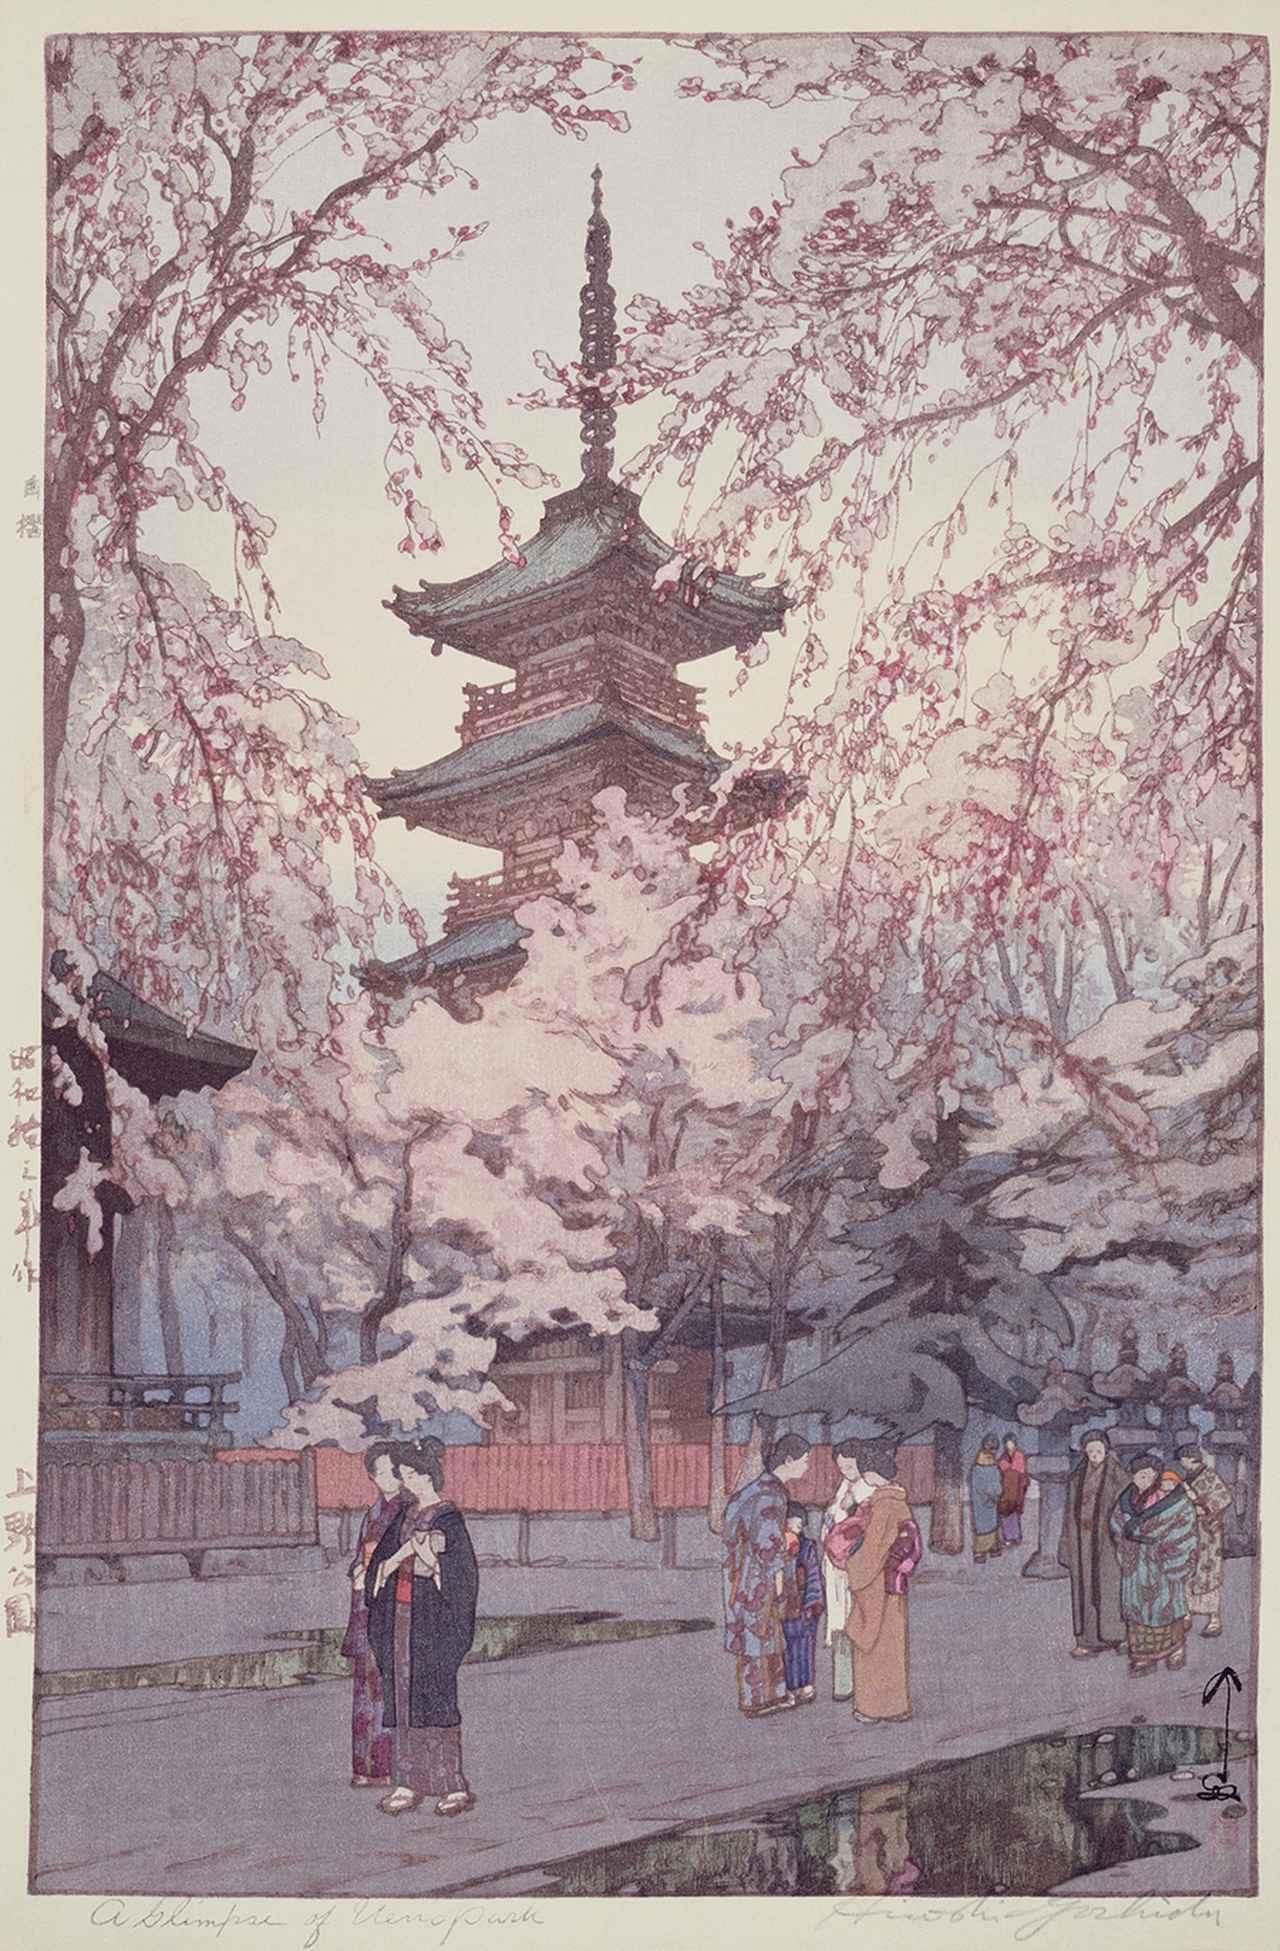 Images : 『没後70年 吉田博展』|東京都美術館